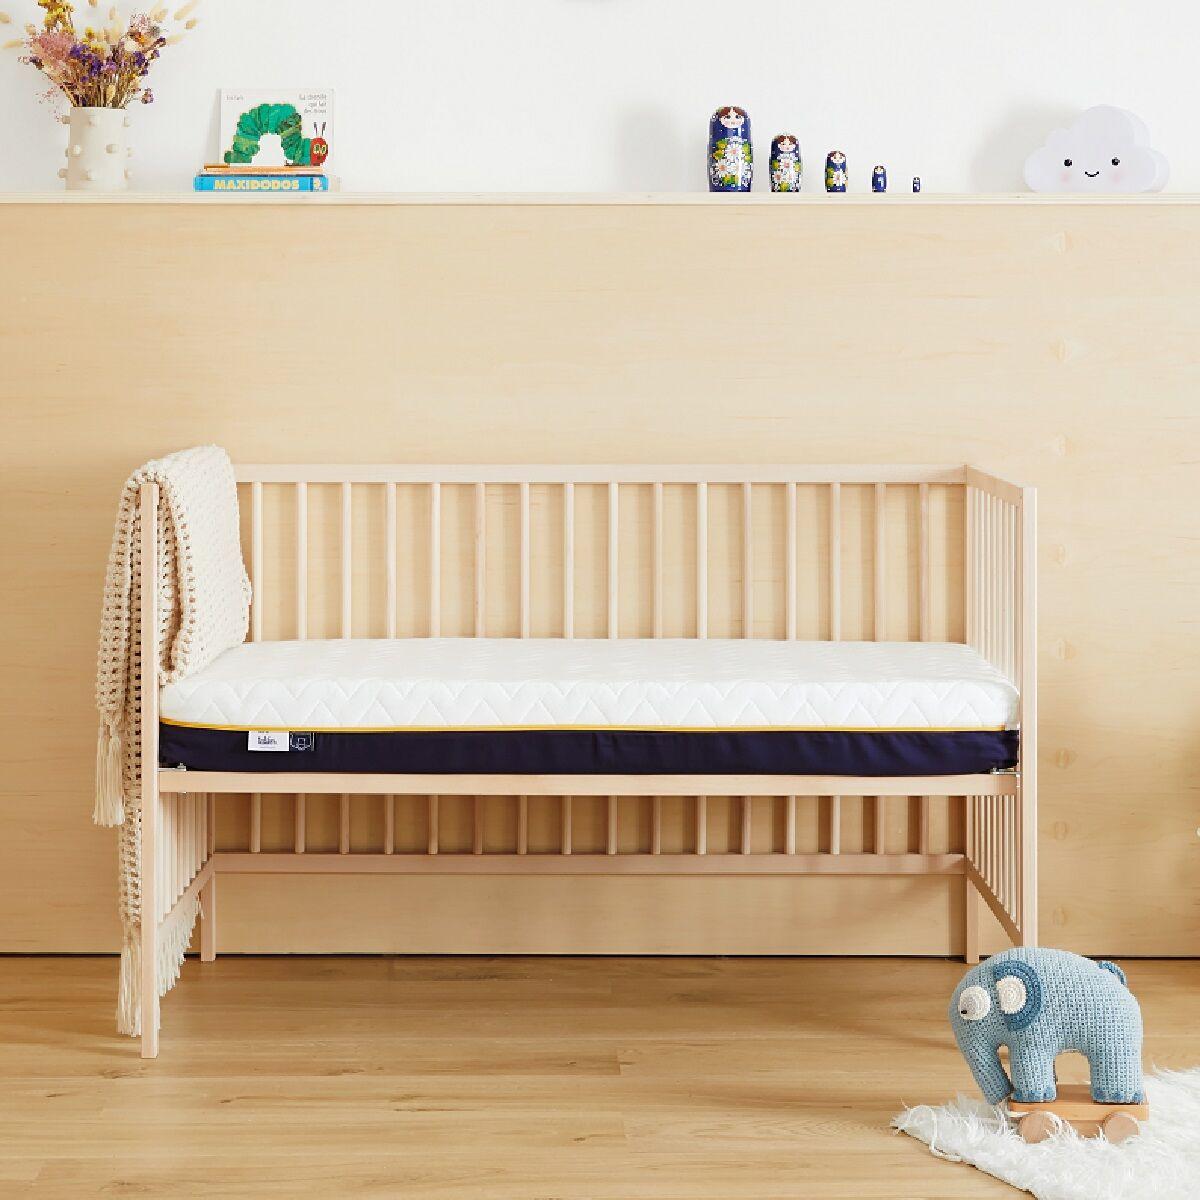 Tediber Matelas bébé 70x140 Tediber - Livré gratuitement en express - Fabriqué en France - Idéal de 0 à 5 ans - Alèse bébé incluse